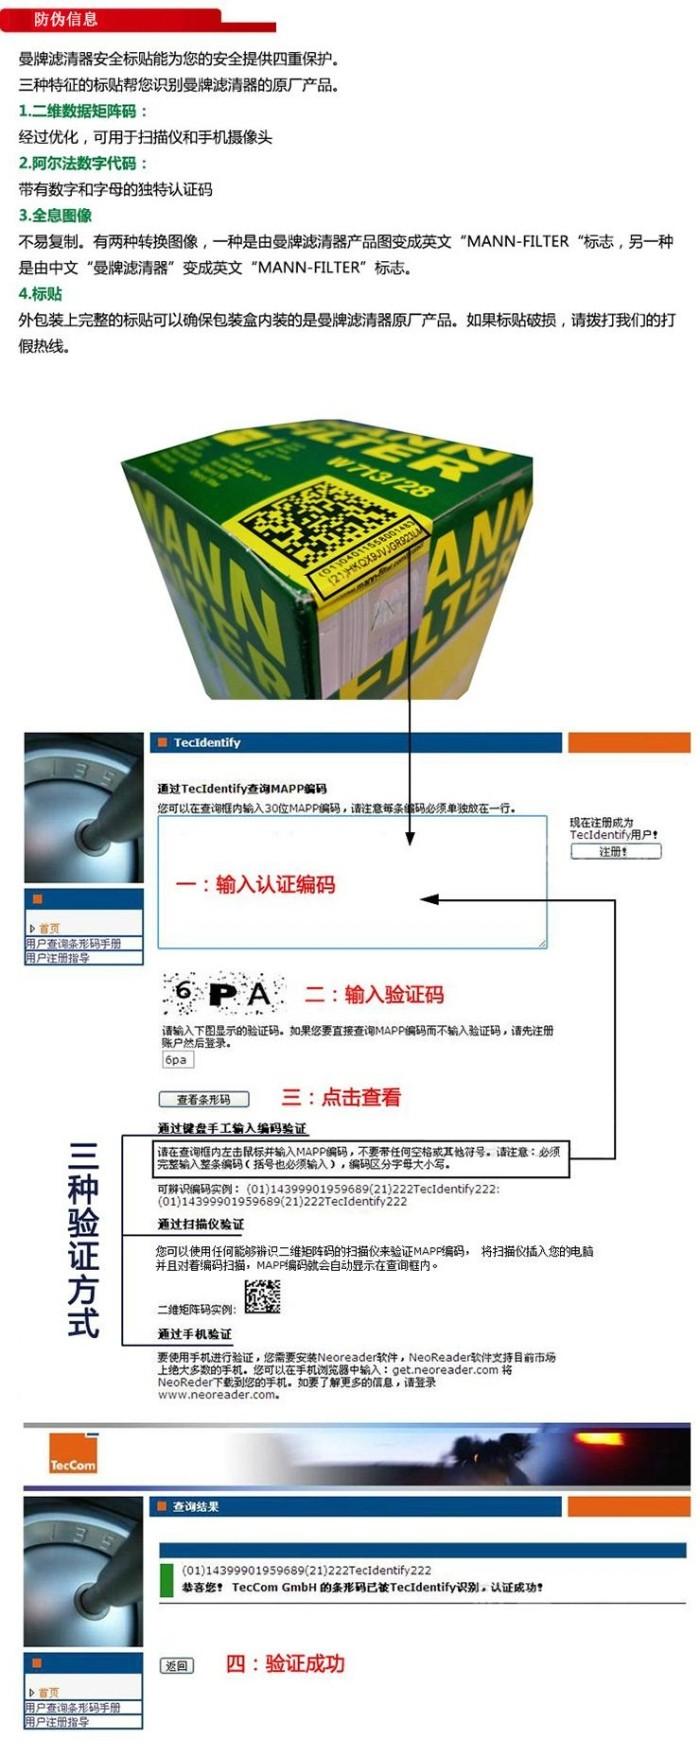 【润天宇】曼牌 汽油滤芯WK 69/2 POLO高尔夫6晶锐速腾途安